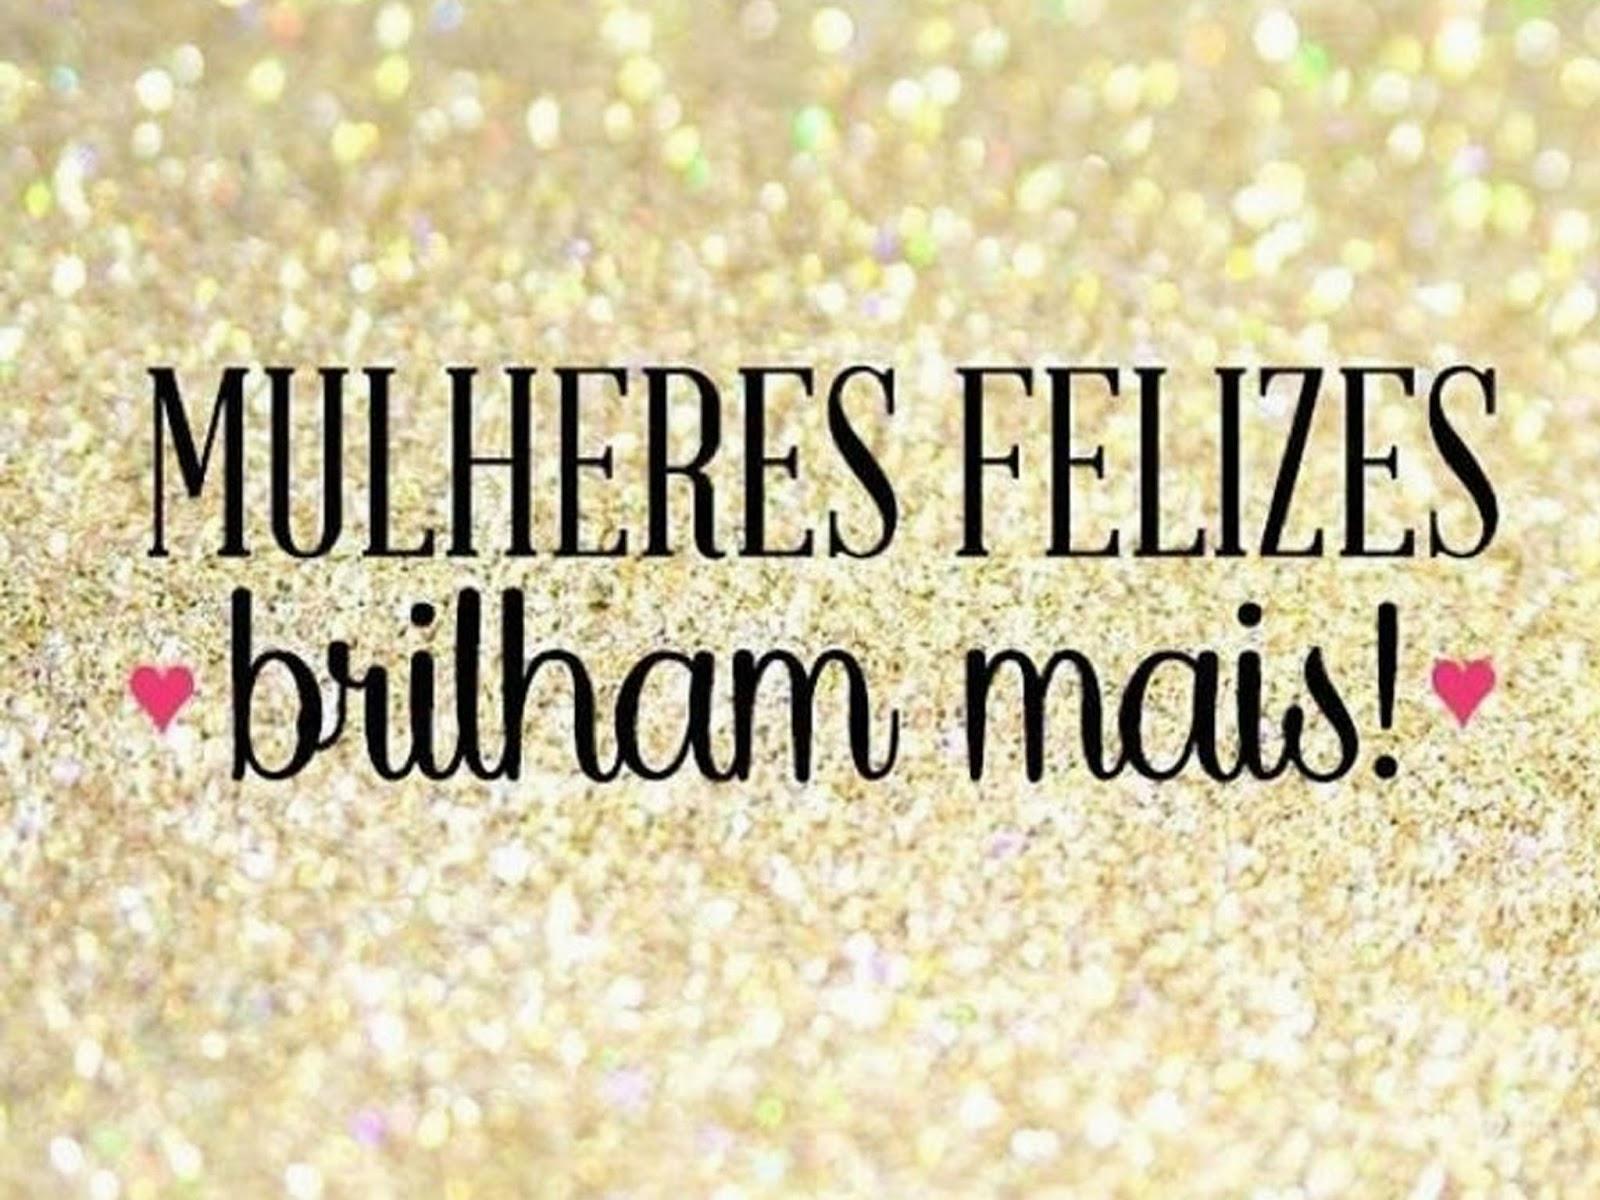 Frases Poderosas Para Status: Mulheres Felizes Brilham Mais